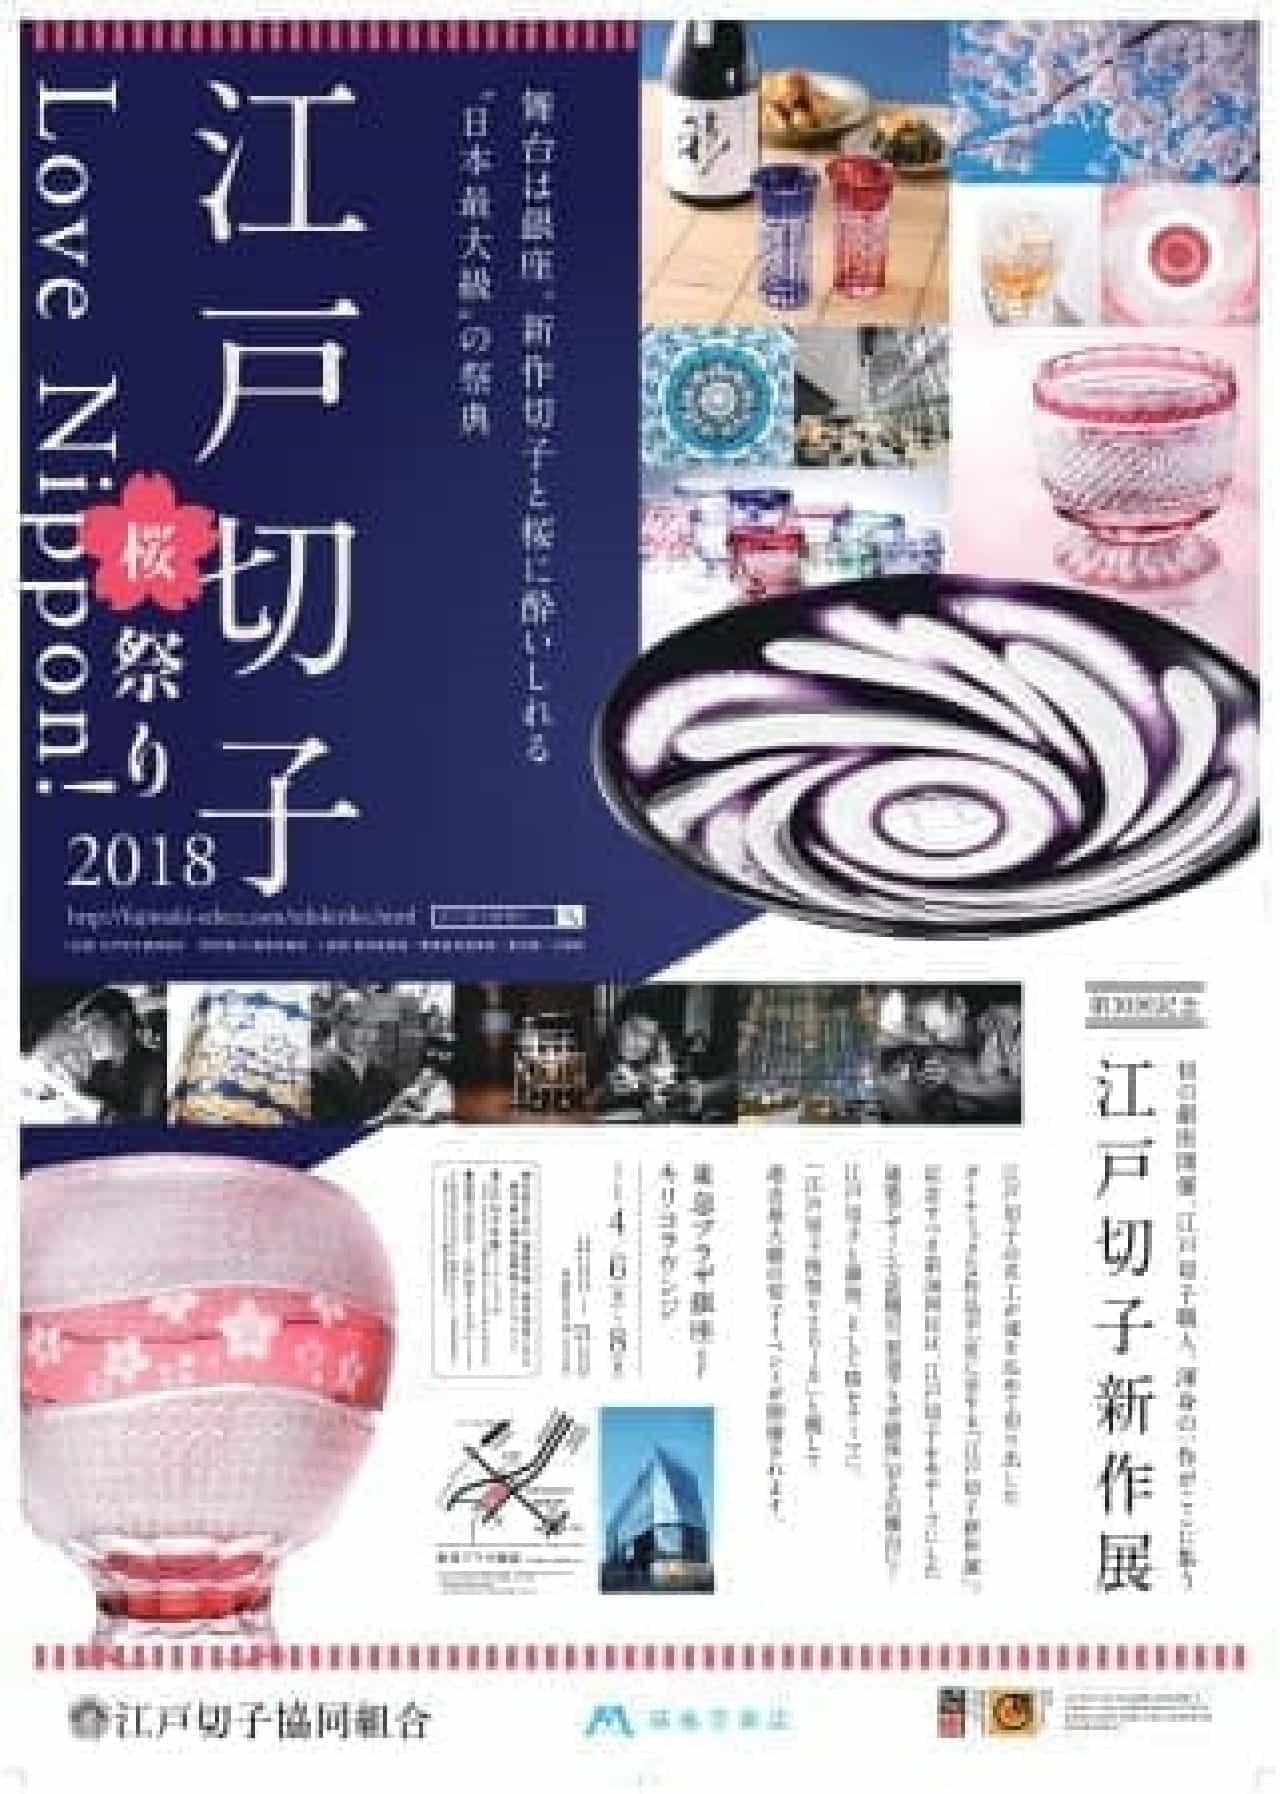 銀座で「江戸切子桜祭り2018」